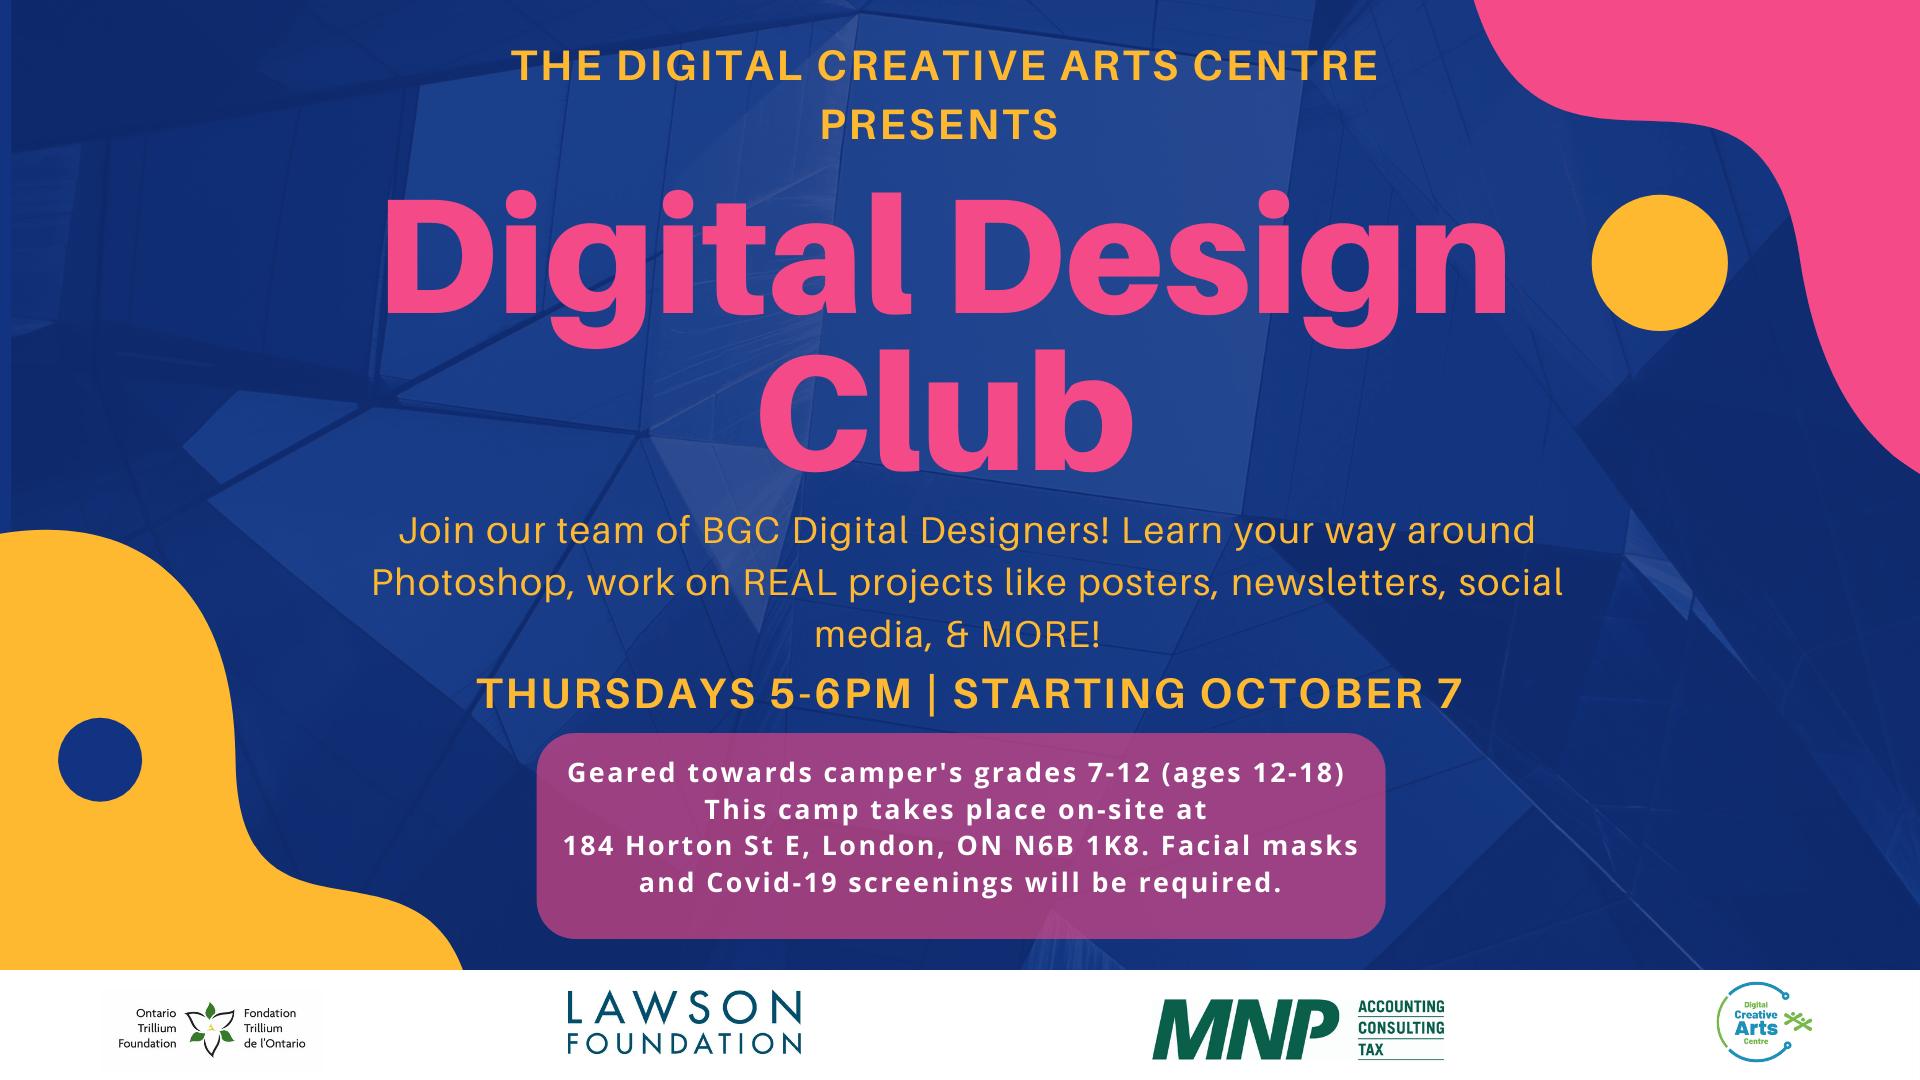 Digital Design Club